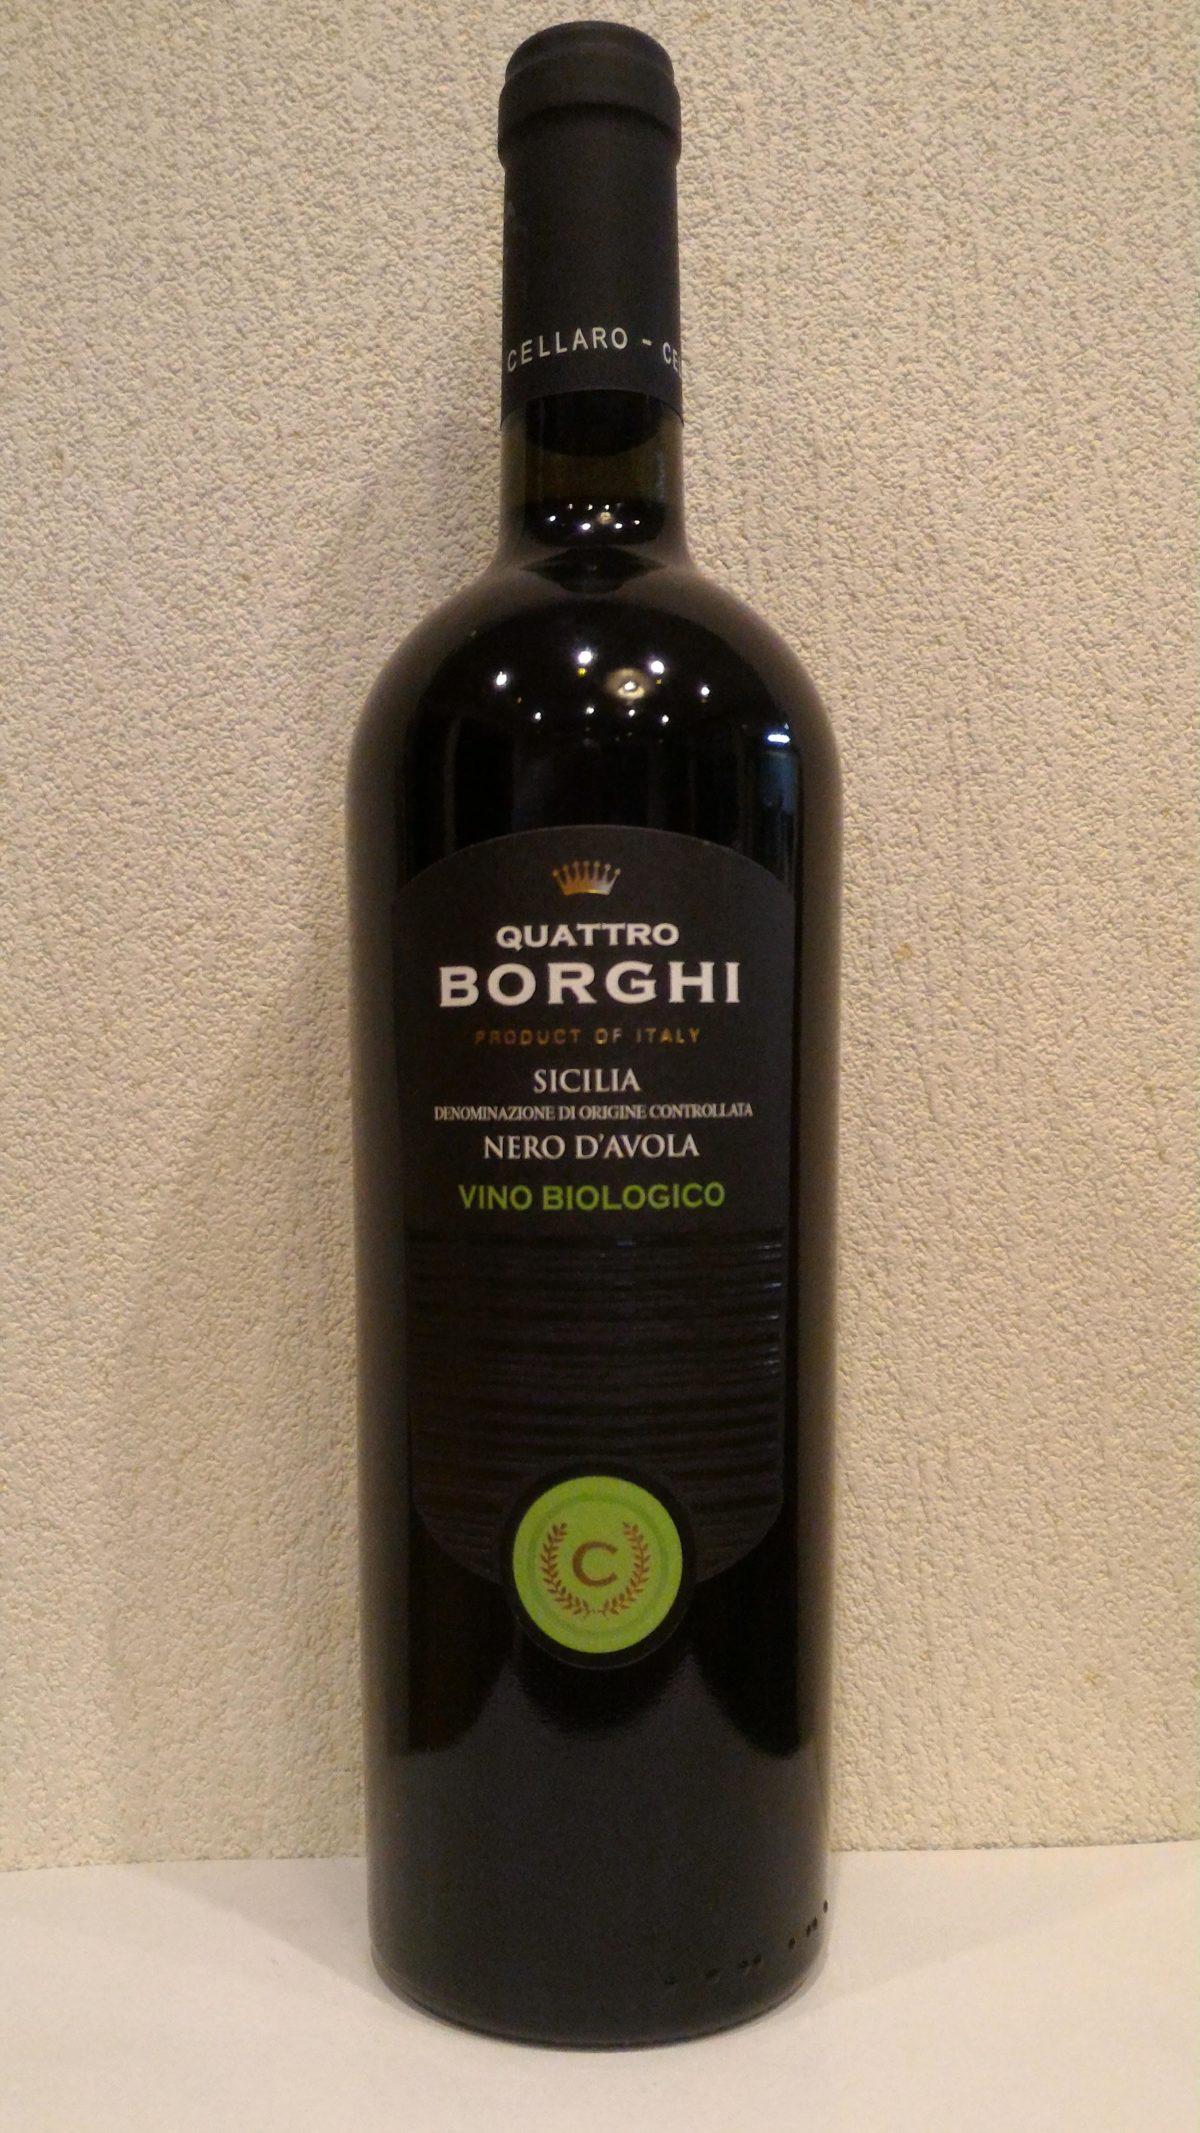 1000円~2000円で愉しむ赤ワイン「イタリアのクアトロ・ボルギ」